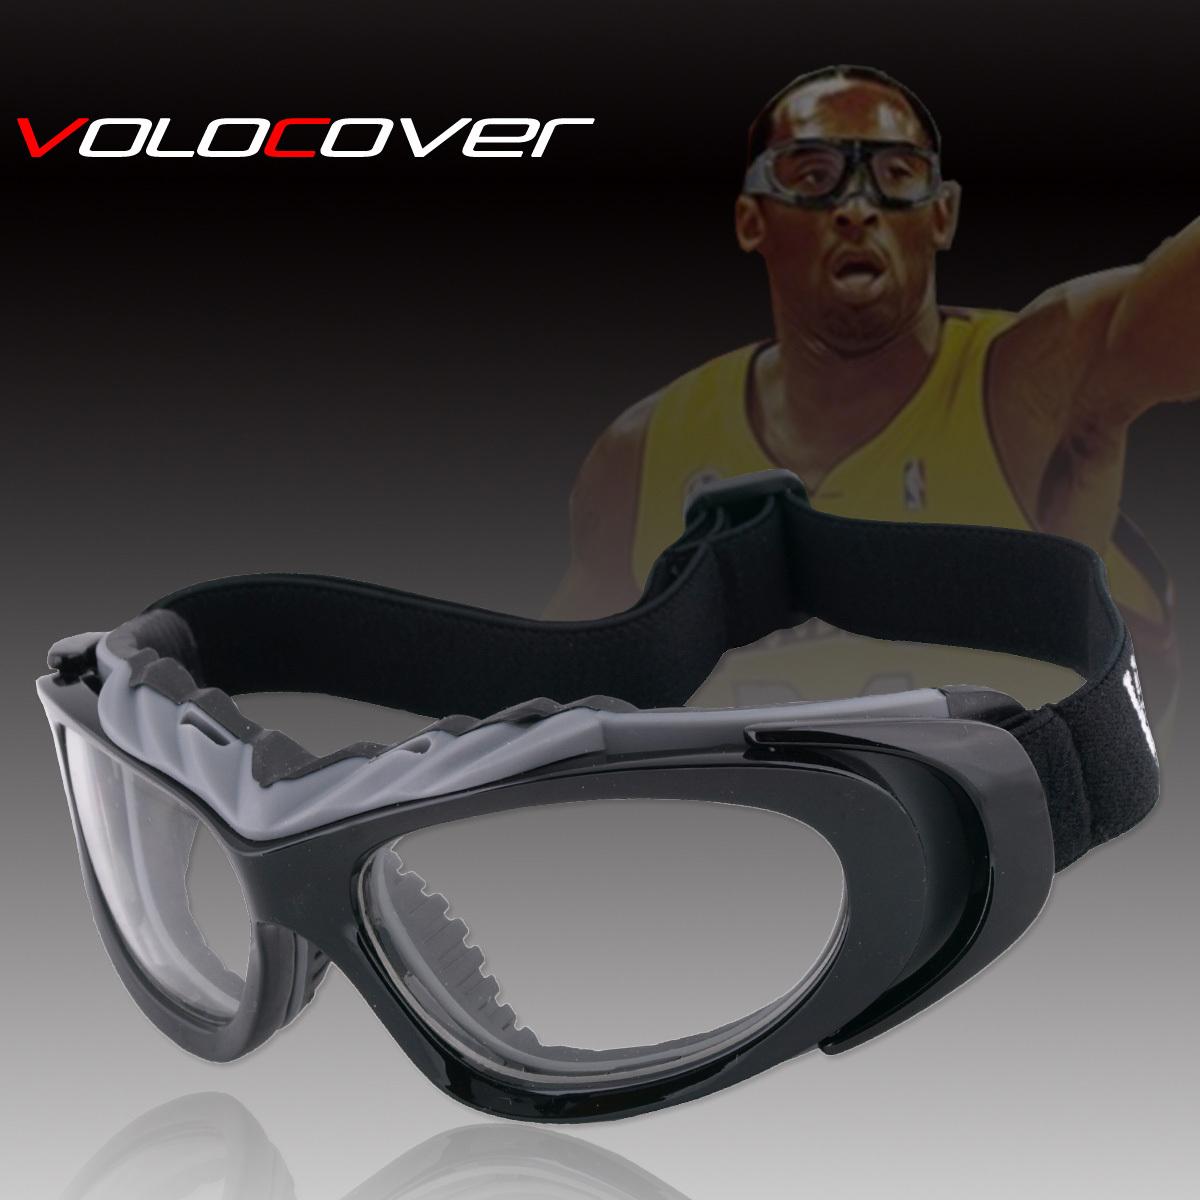 VOLO户外防护镜骑行眼镜防风镜摩托镜运动眼镜 可配偏光 近视框